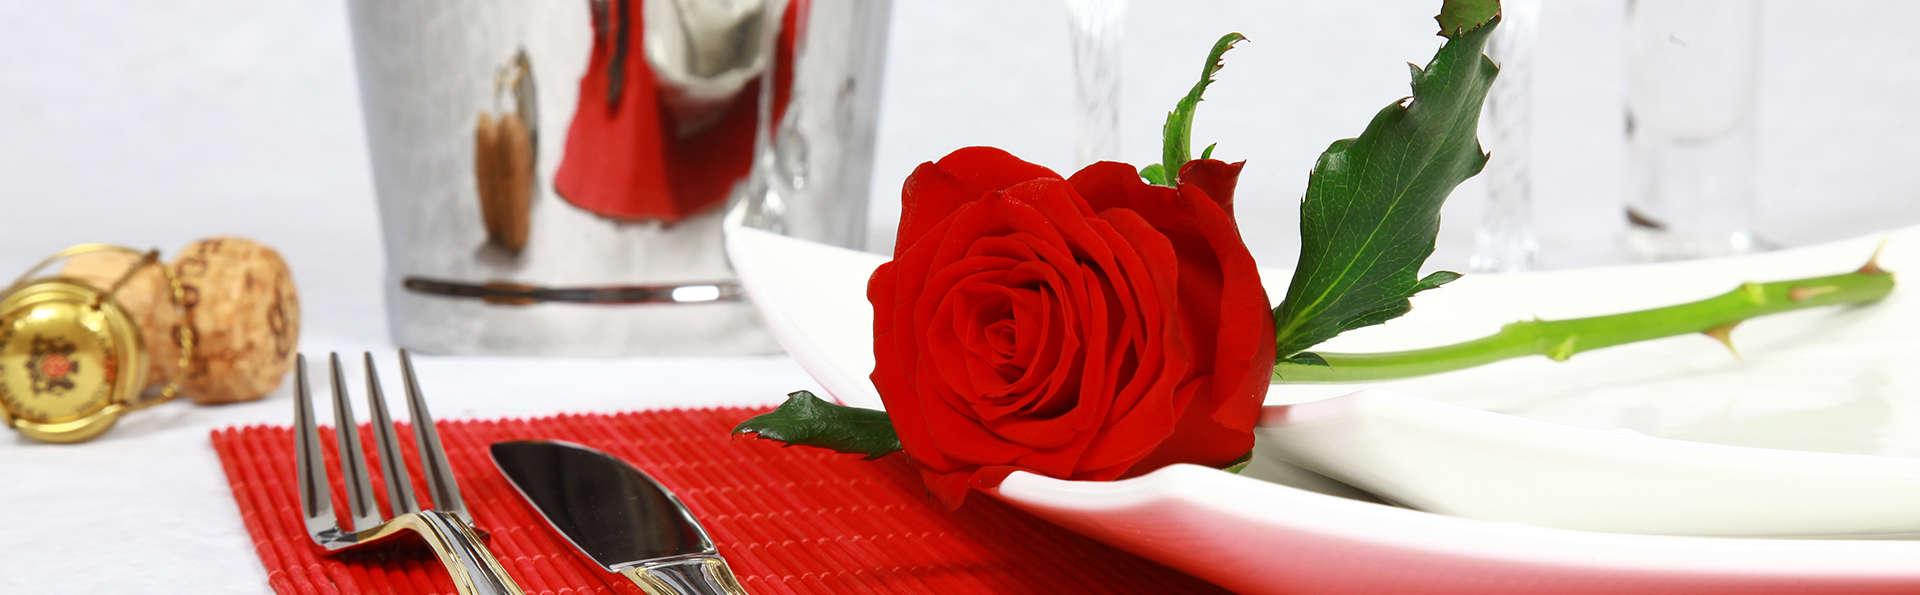 Escapade romantique et gourmande pour la Saint-Valentin